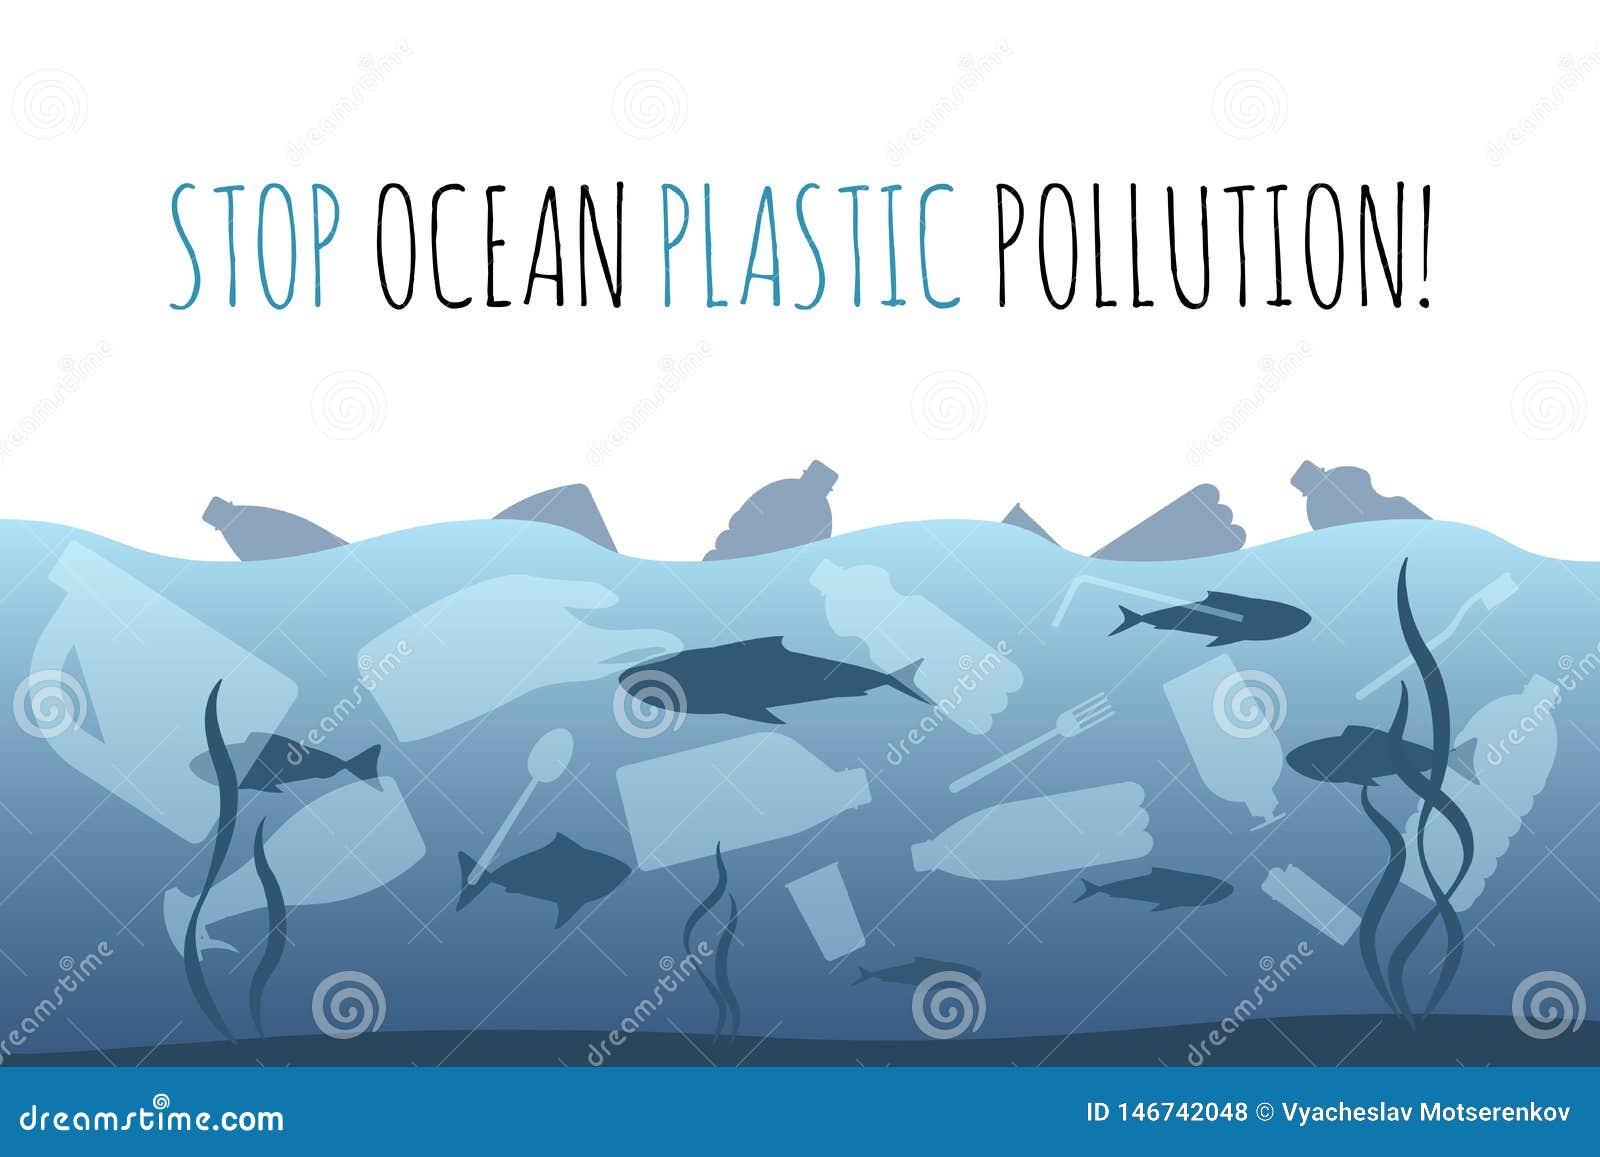 停止海洋塑料污染 塑料垃圾袋、瓶在海洋图形设计中的应用 废水问题创新